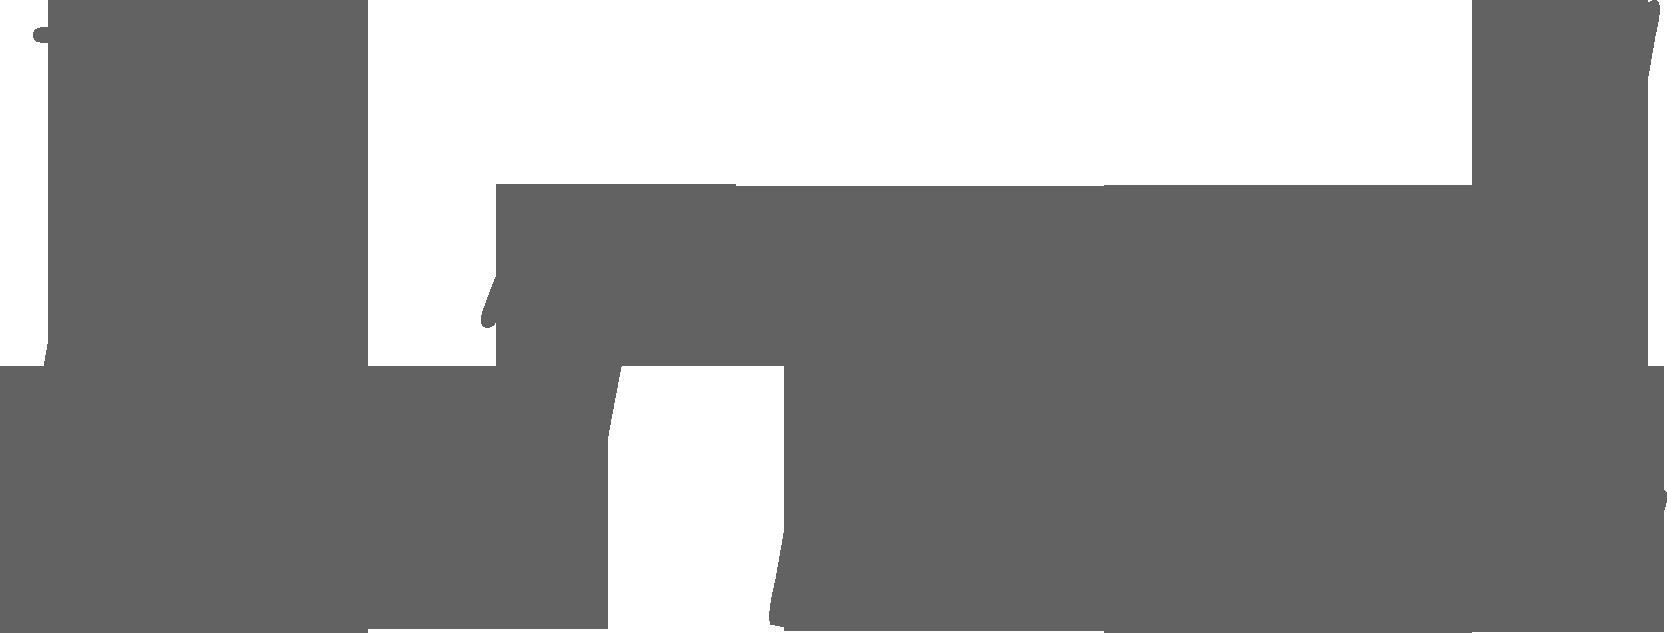 holly-meyer-design-logo.png